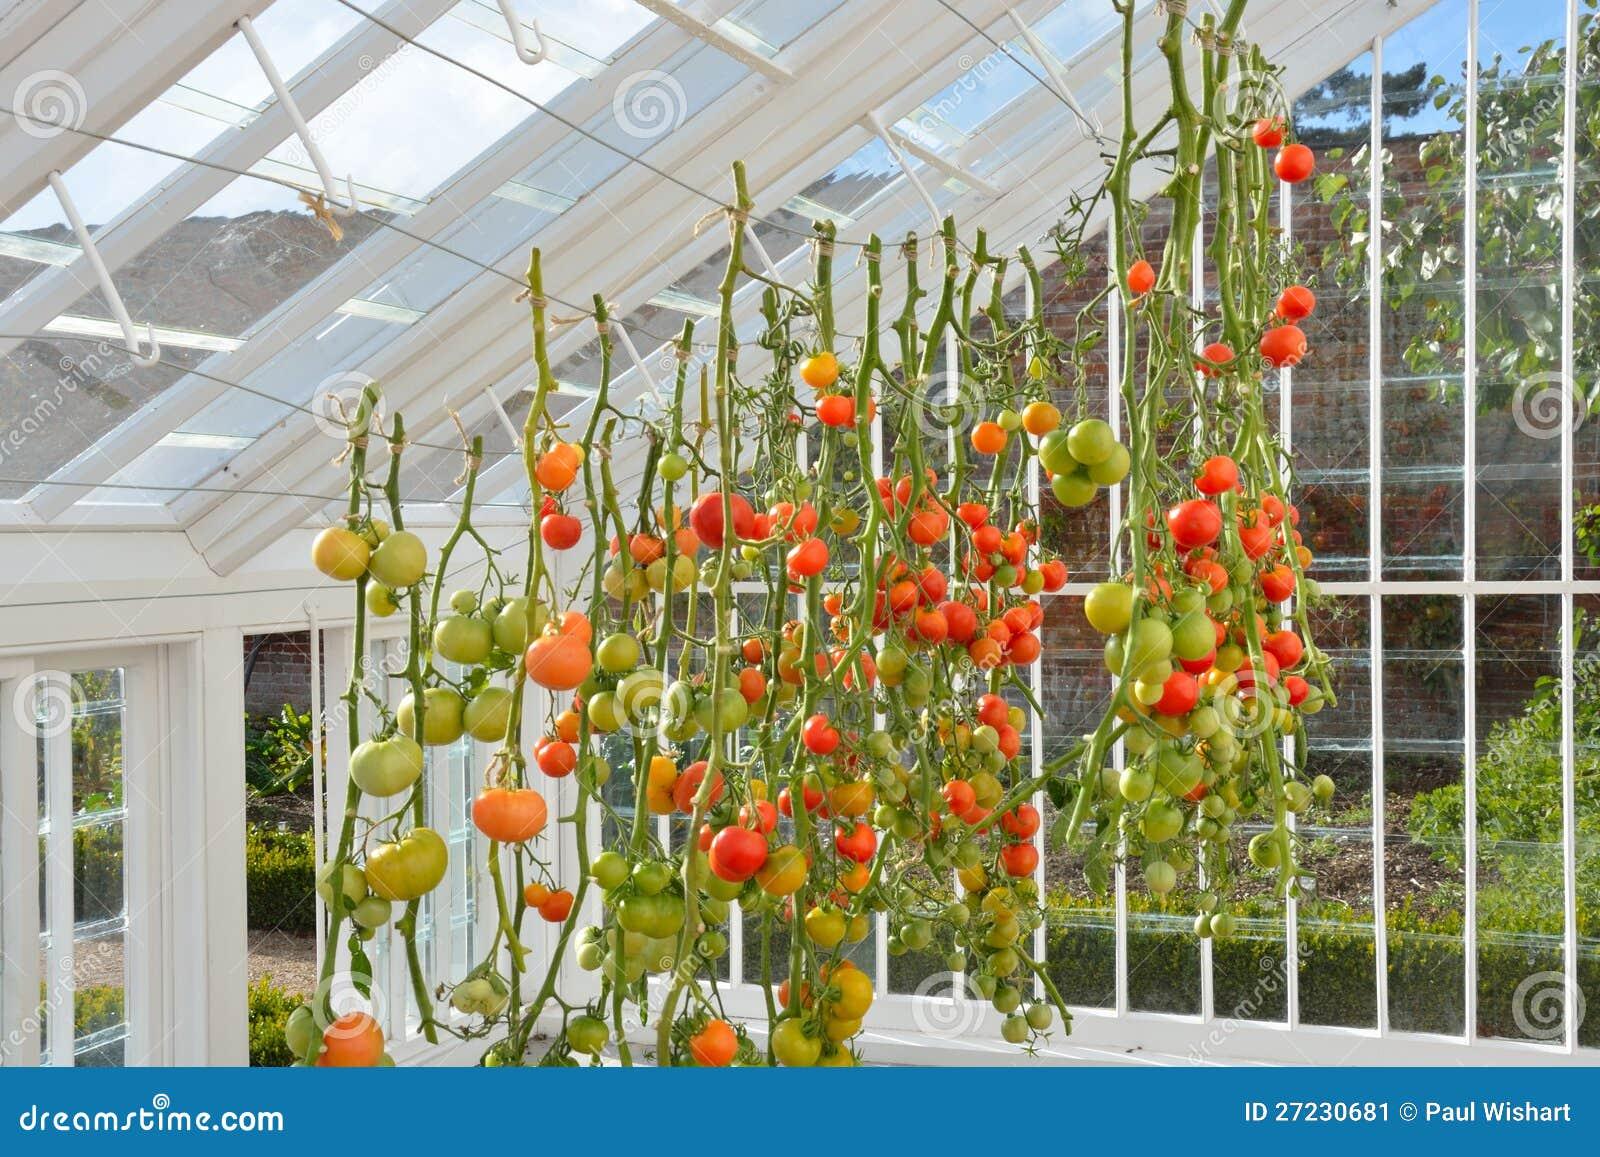 Tomaten Die Im Gewachshaus Wachsen Stockbild Bild Von Frucht